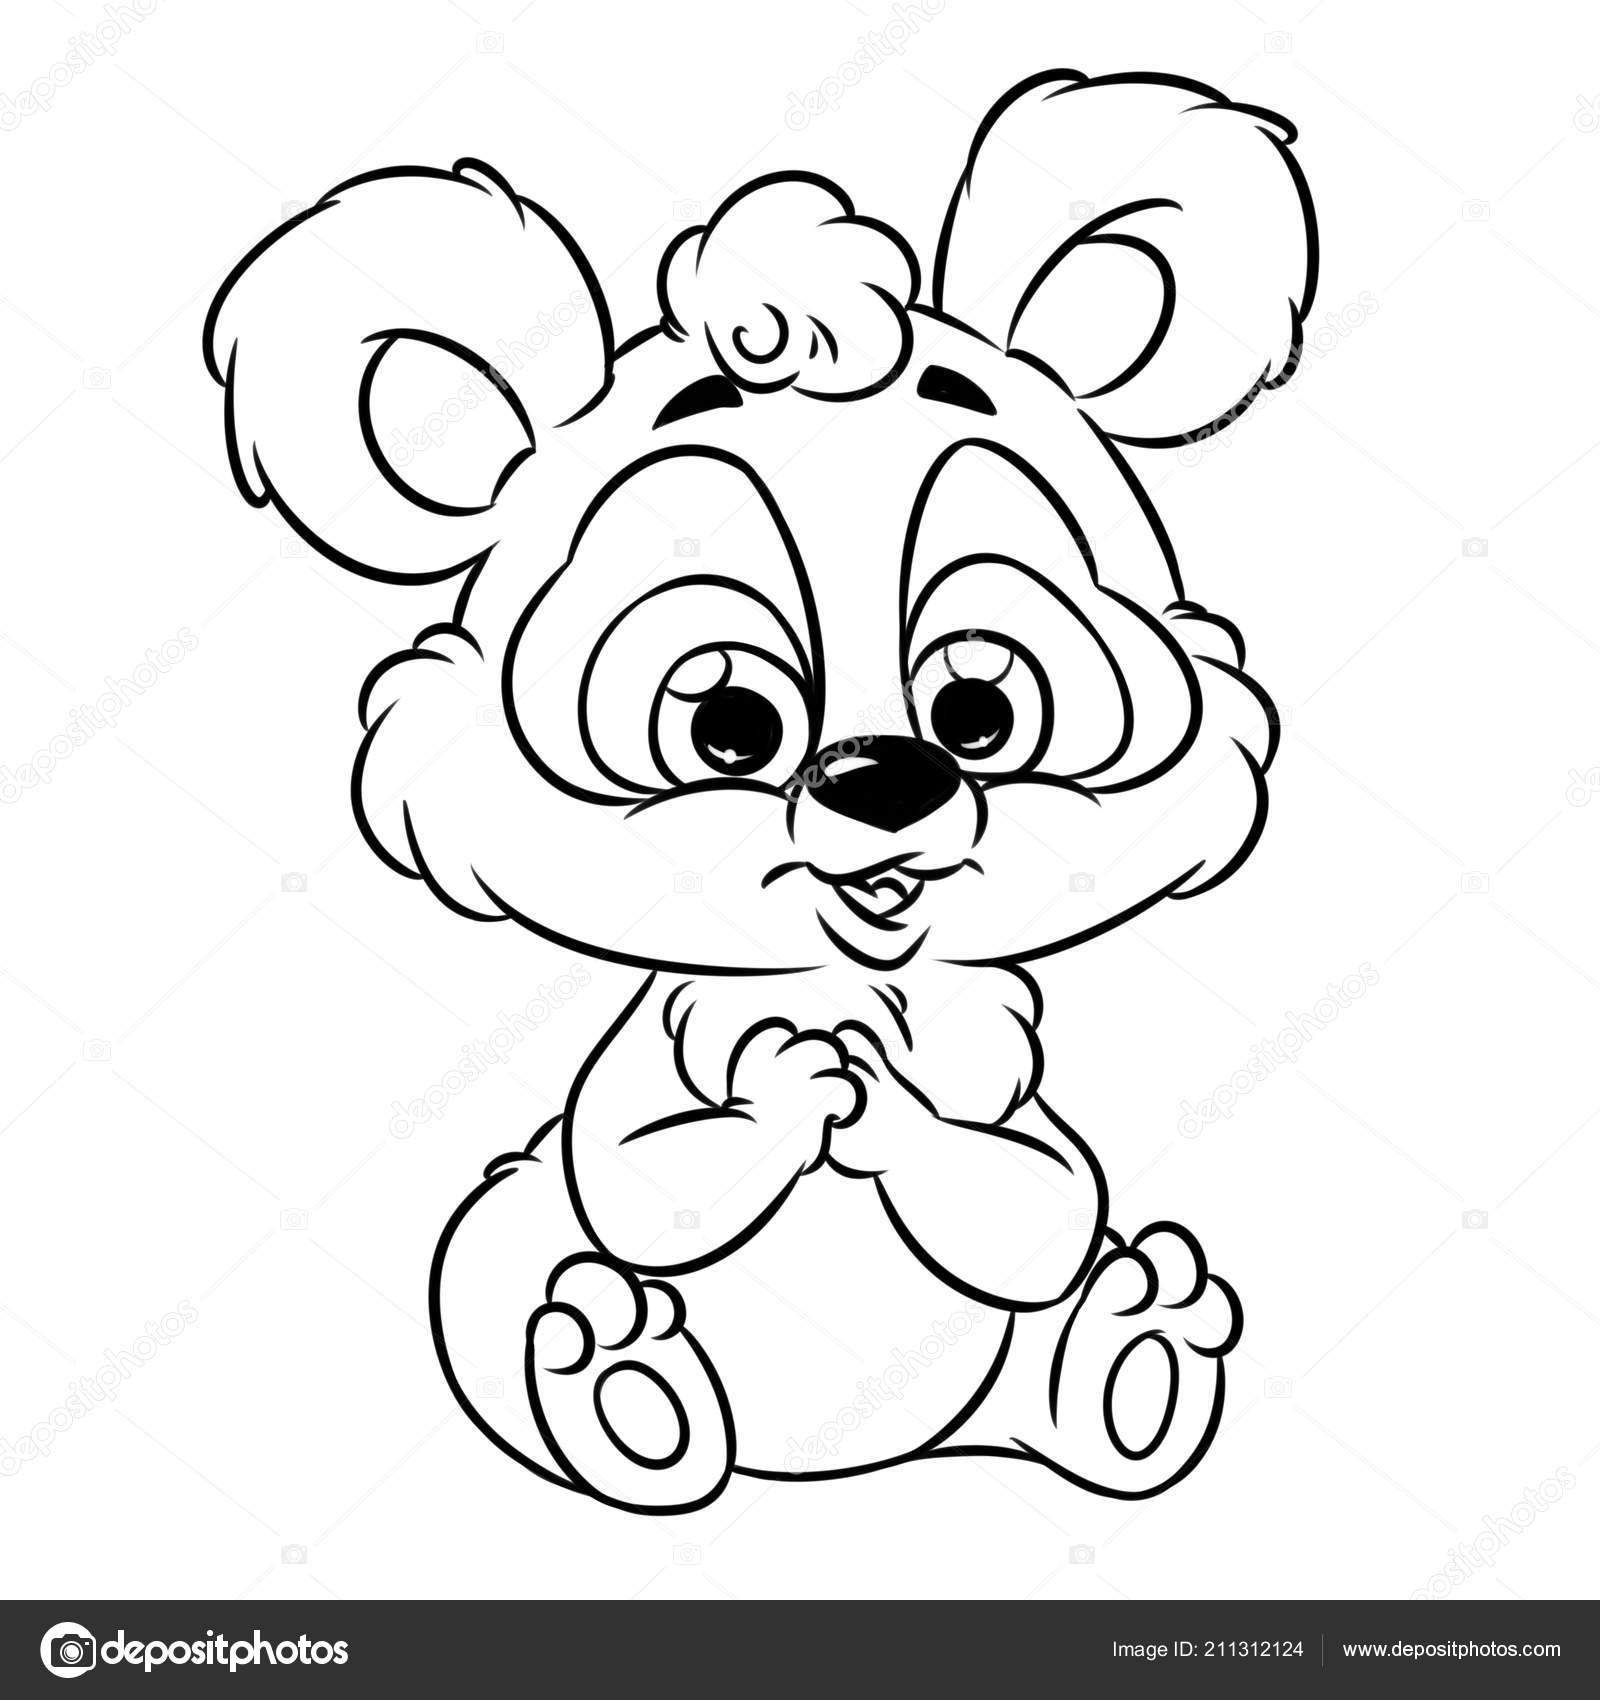 Alegre Panda Dibujos Animados Imagen Aislados Ilustración